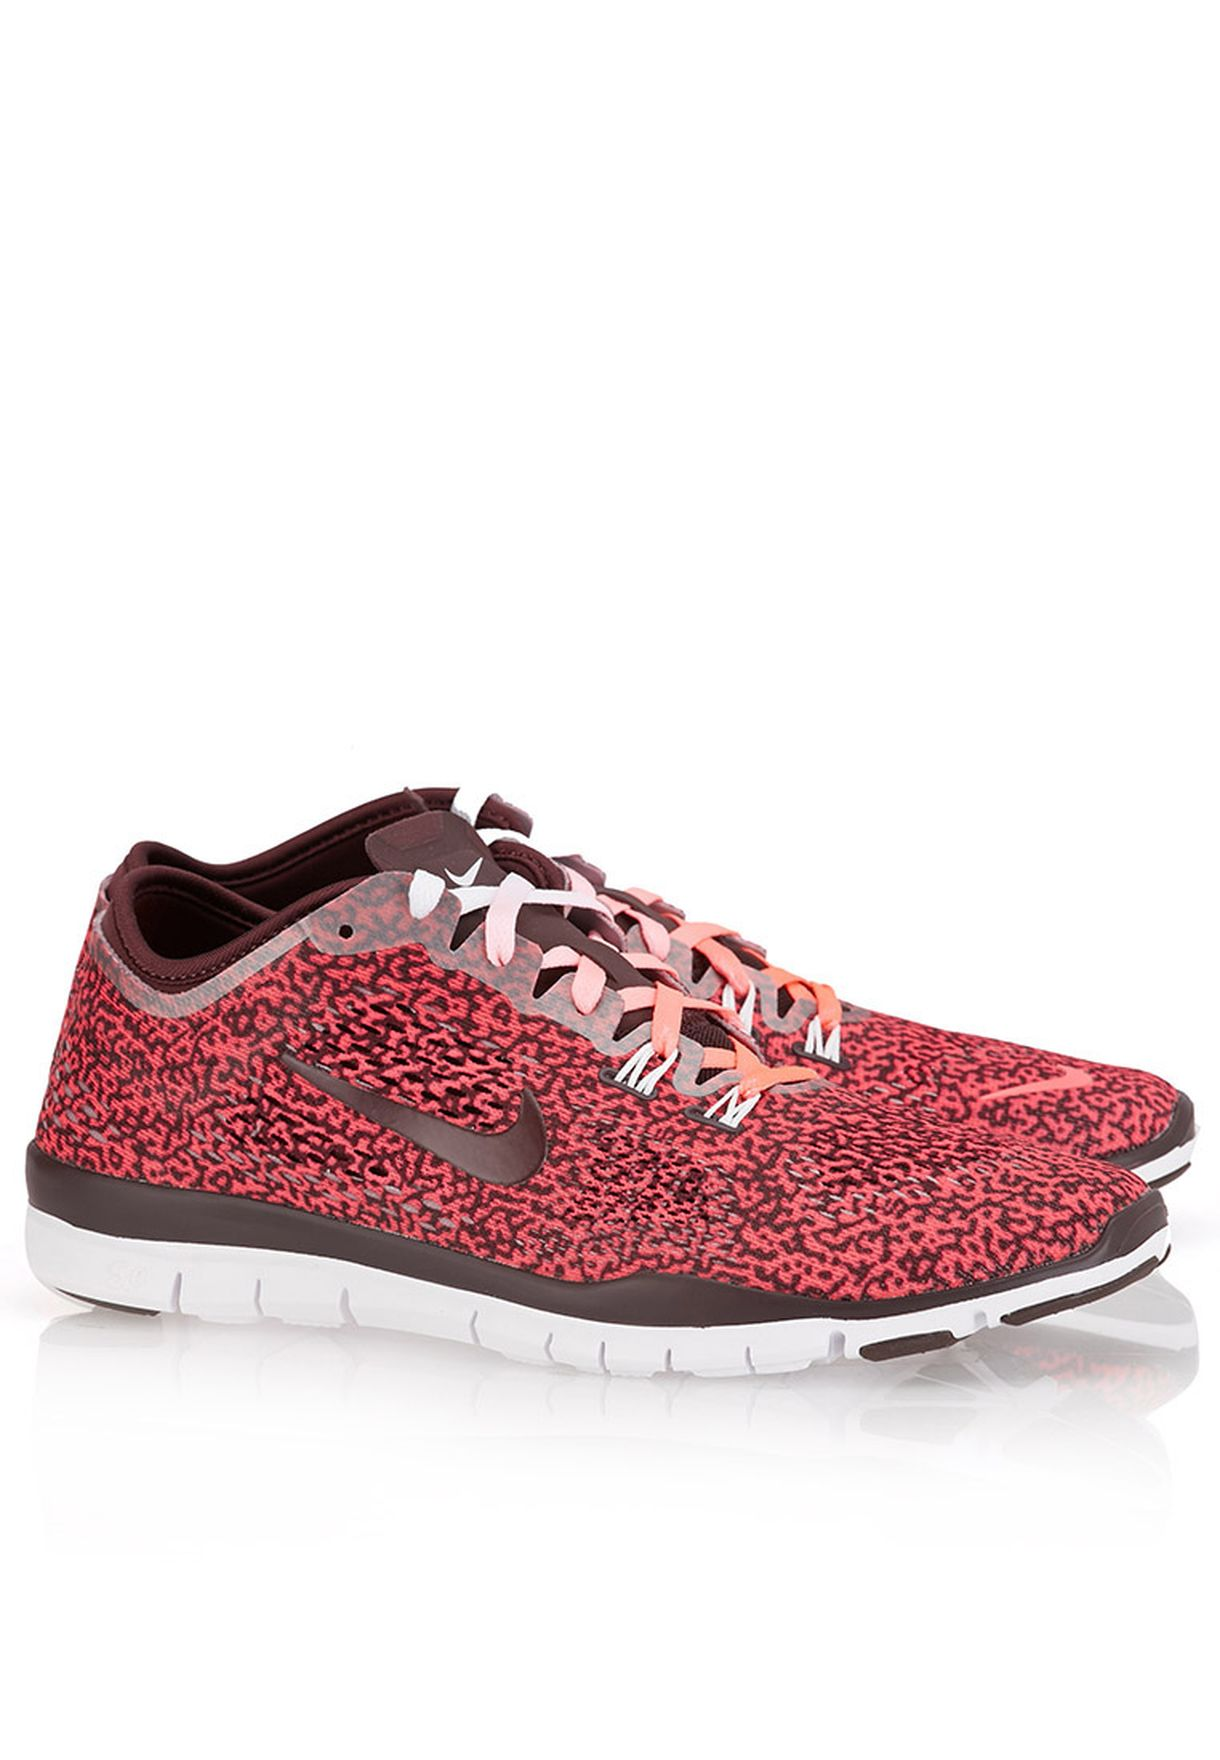 378fb11d89f0f Shop Nike animalprint Free 5.0 TR Fit 4 Print 629832-604 for Women ...